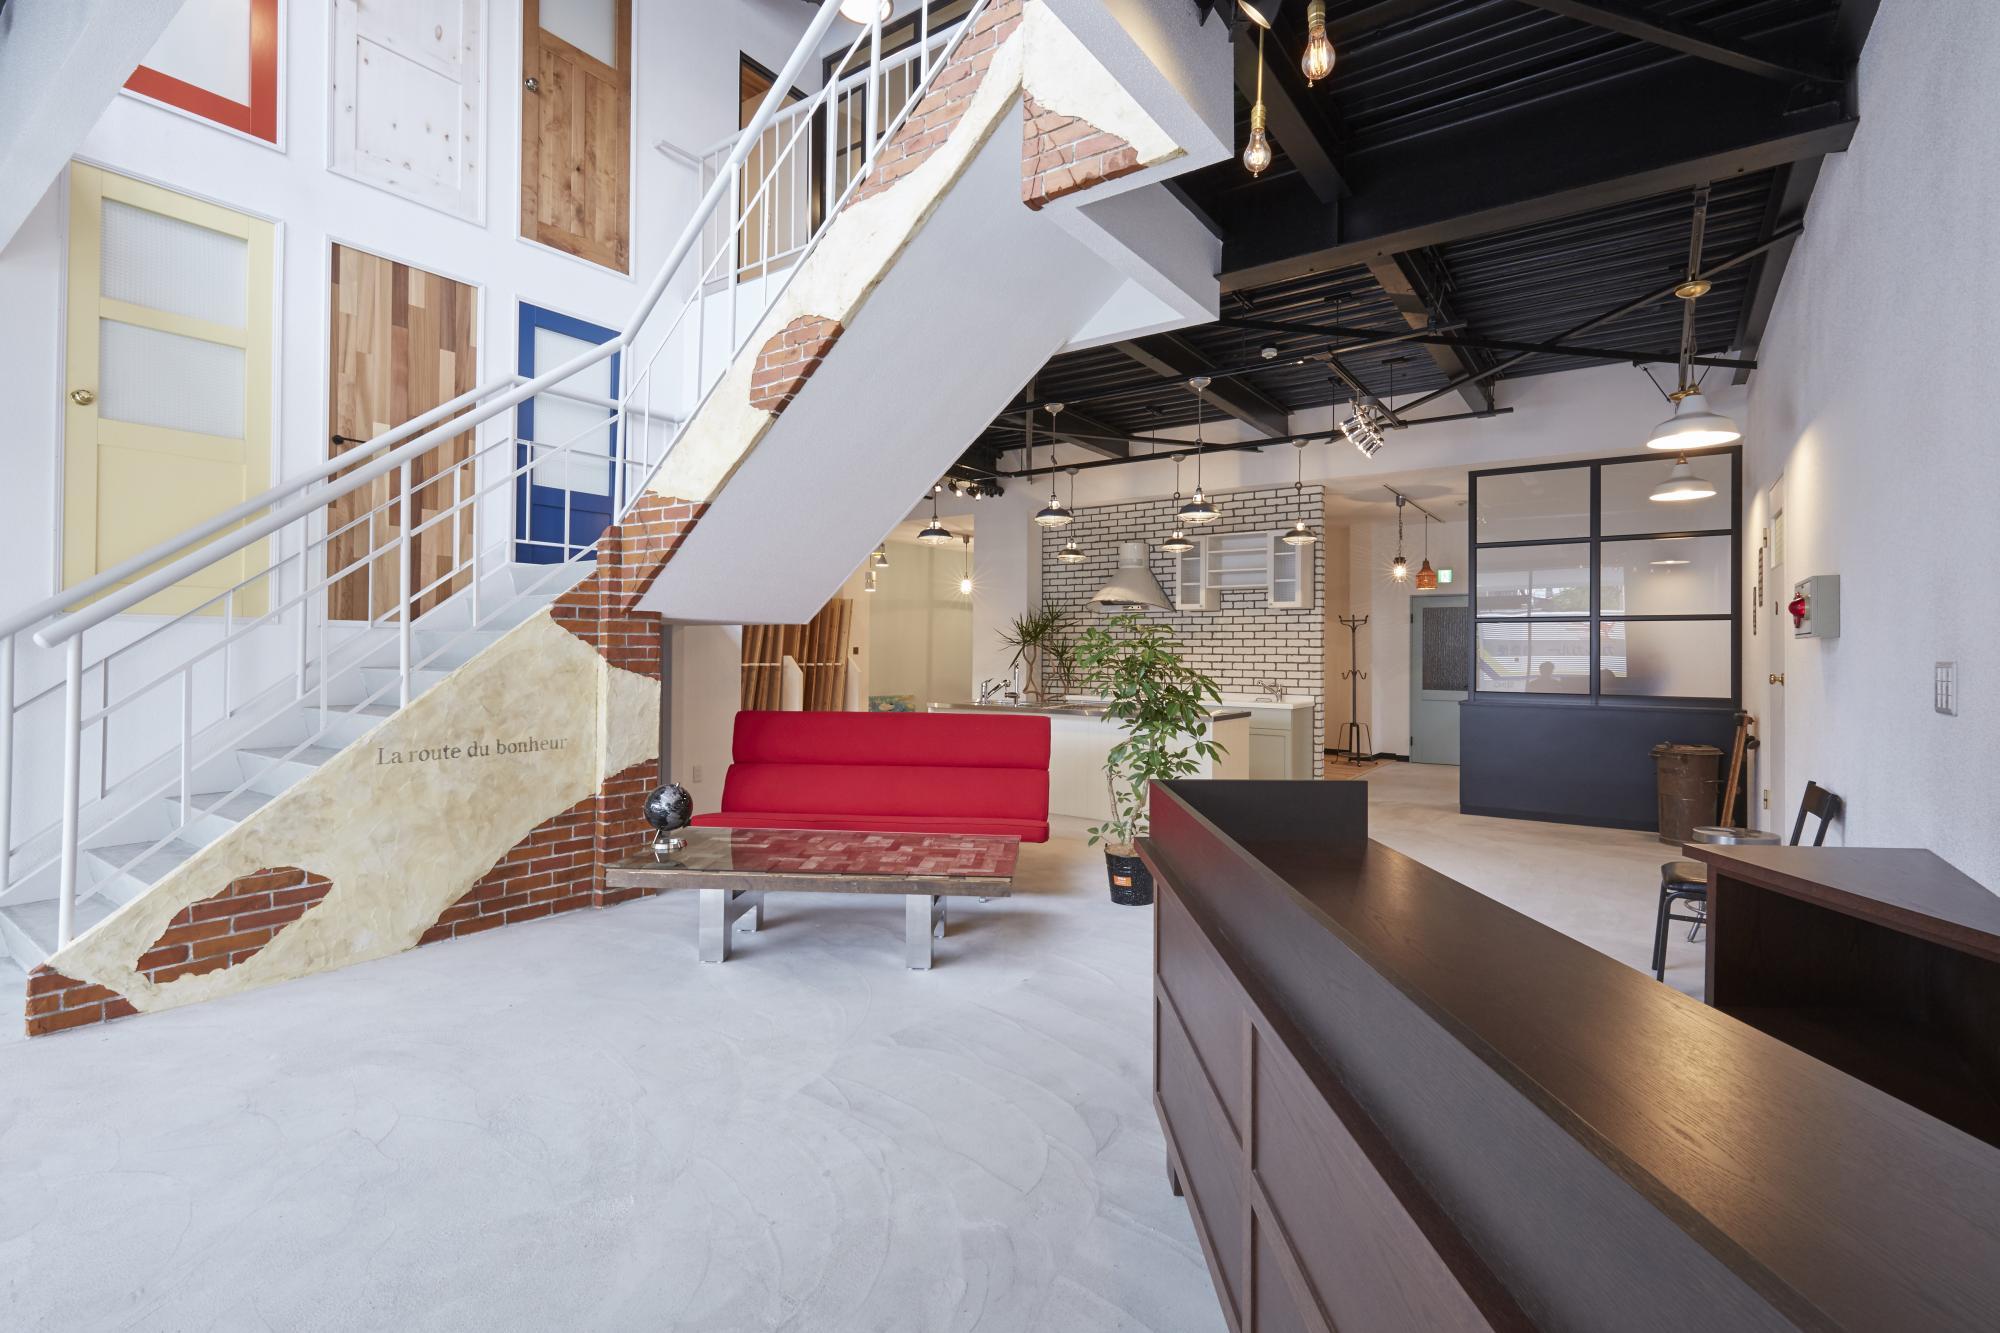 「日本住を、愉快に」 洋服はその日、着たいものを自分でコーディネートする。食事もその日、食べたいものをお店で楽しむ。衣・食・住の中で一番高価な買い物である住宅は、どれも画一的な住まいに溢れている。一番不自由なのはなぜだろう・・・。 画一的な新築住宅に対して、「中古購入+リノベーション」なら新築よりも好立地を選びやすく、設計や素材などすべてを自分流に、しかもリーズナブルに叶えることができます。 海外先進諸国では普通に見受けられるシステムで、多くの方が自分らしい住まいづくりをすでに楽しんでいます。 さあ、日本の住まいにも自由を・・・憧れを手にするときの、あのワクワクを・・・。私たちが最初から最後までお手伝いします。